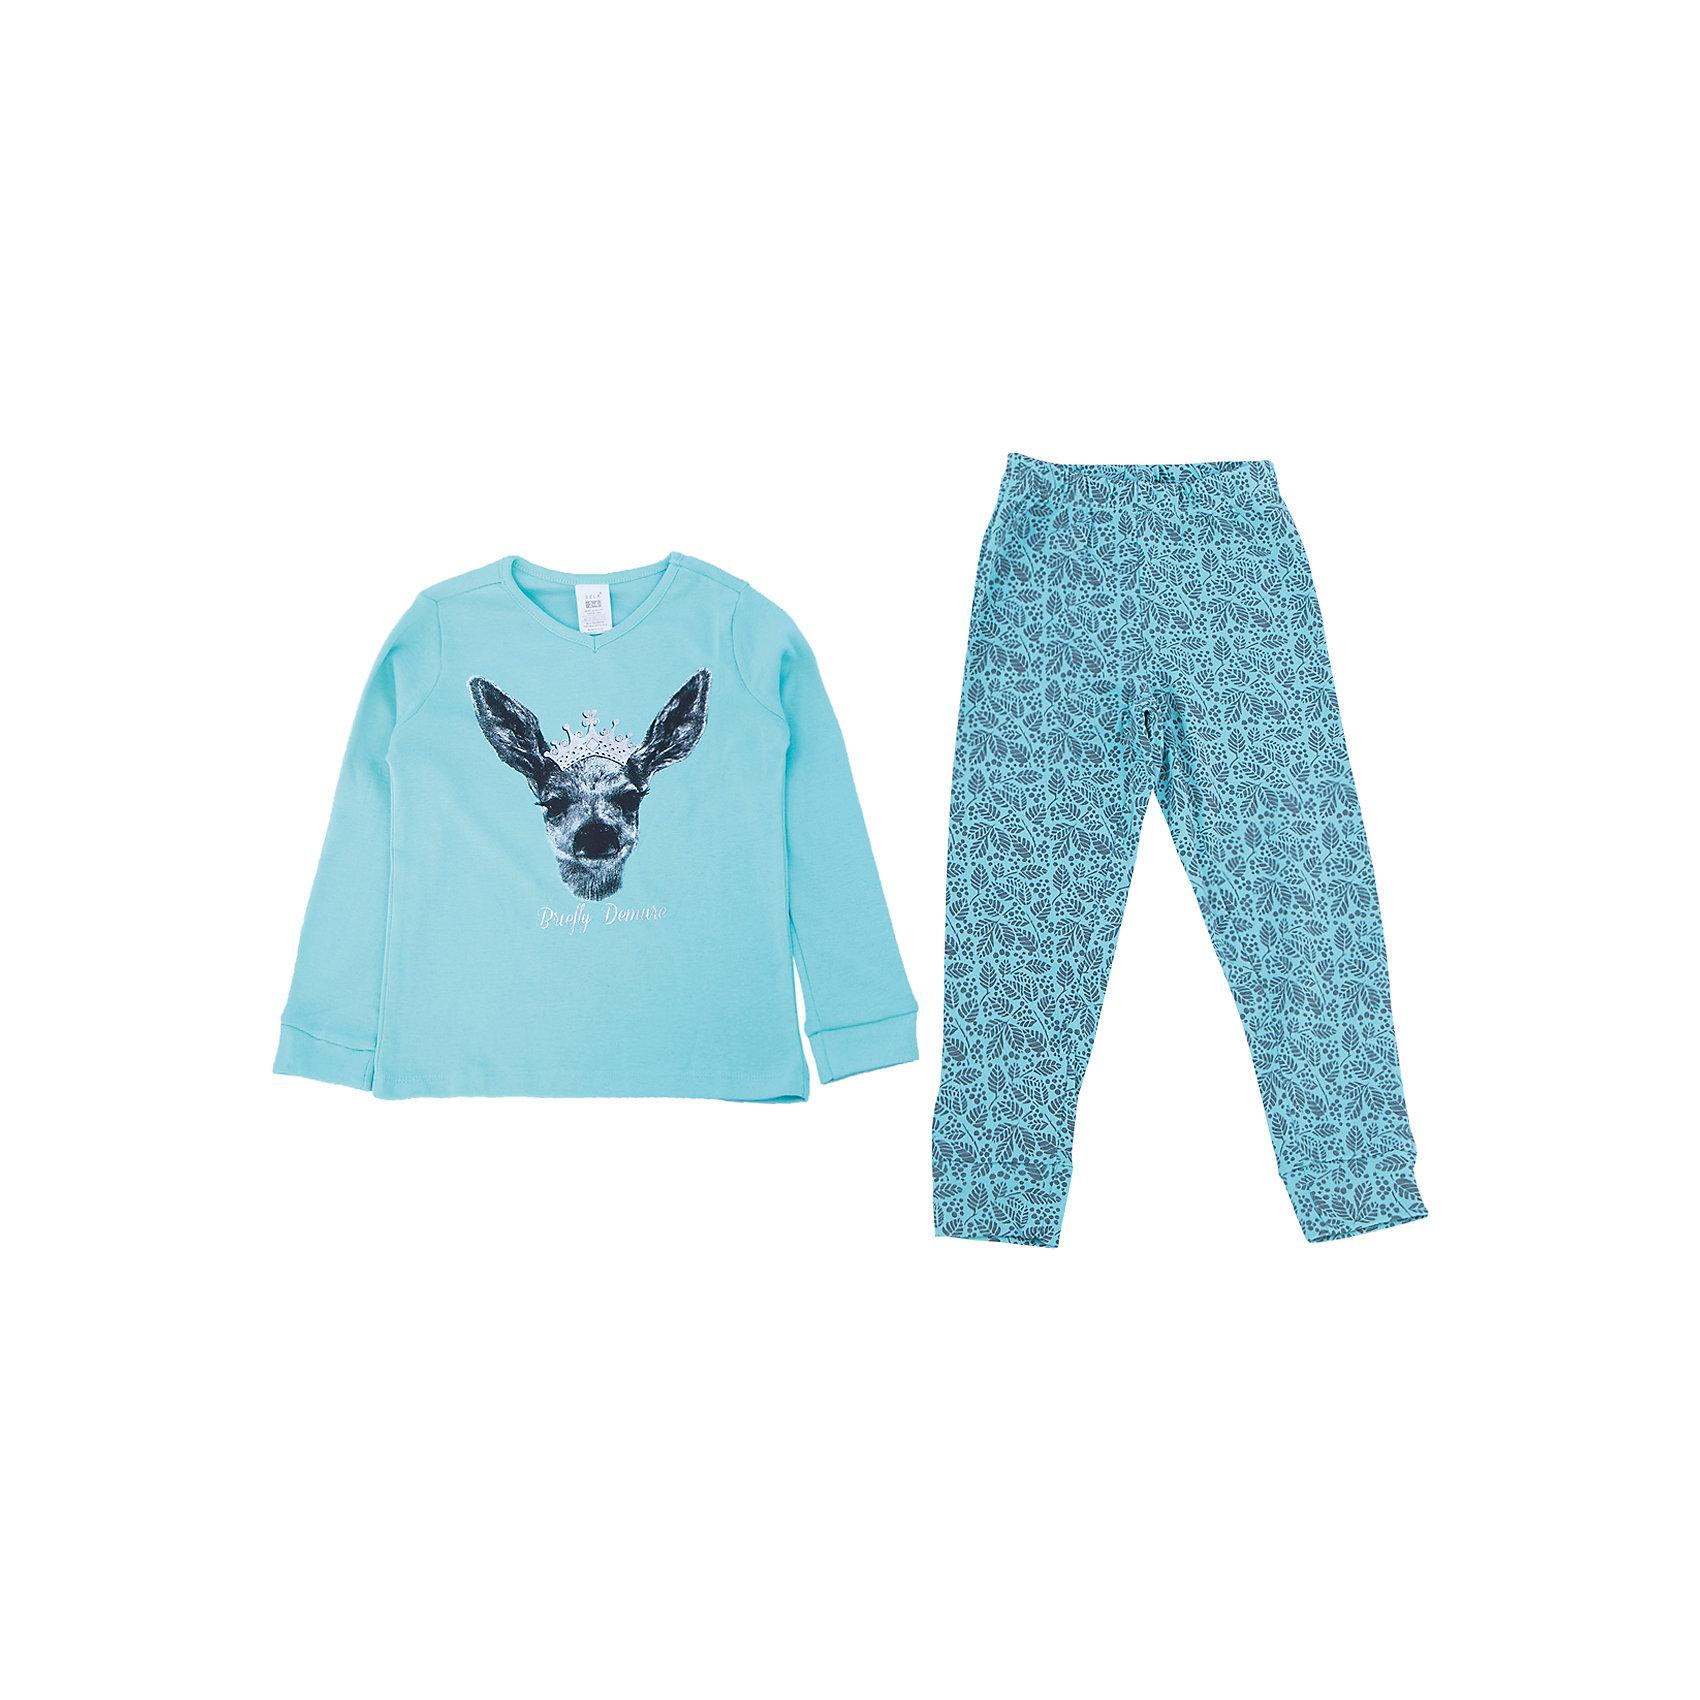 Пижама для девочки SELAУдобная пижама - неотъемлемая составляющая комфортного сна ребенка. Эта модель отлично сидит на девочке, она сшита из приятного на ощупь материала, мягкая и дышащая. Натуральный хлопок в составе ткани не вызывает аллергии и обеспечивает ребенку комфорт. В наборе - футболка с длинным рукавом и штаны, вещи украшены симпатичным принтом.<br>Одежда от бренда Sela (Села) - это качество по приемлемым ценам. Многие российские родители уже оценили преимущества продукции этой компании и всё чаще приобретают одежду и аксессуары Sela.<br><br>Дополнительная информация:<br><br>цвет: разноцветный;<br>материал: 100% хлопок;<br>принт;<br>трикотаж.<br><br>Пижаму для девочки от бренда Sela можно купить в нашем интернет-магазине.<br><br>Ширина мм: 281<br>Глубина мм: 70<br>Высота мм: 188<br>Вес г: 295<br>Цвет: голубой<br>Возраст от месяцев: 24<br>Возраст до месяцев: 36<br>Пол: Женский<br>Возраст: Детский<br>Размер: 92/98,140/146,104/110,116/122,128/134<br>SKU: 4919392